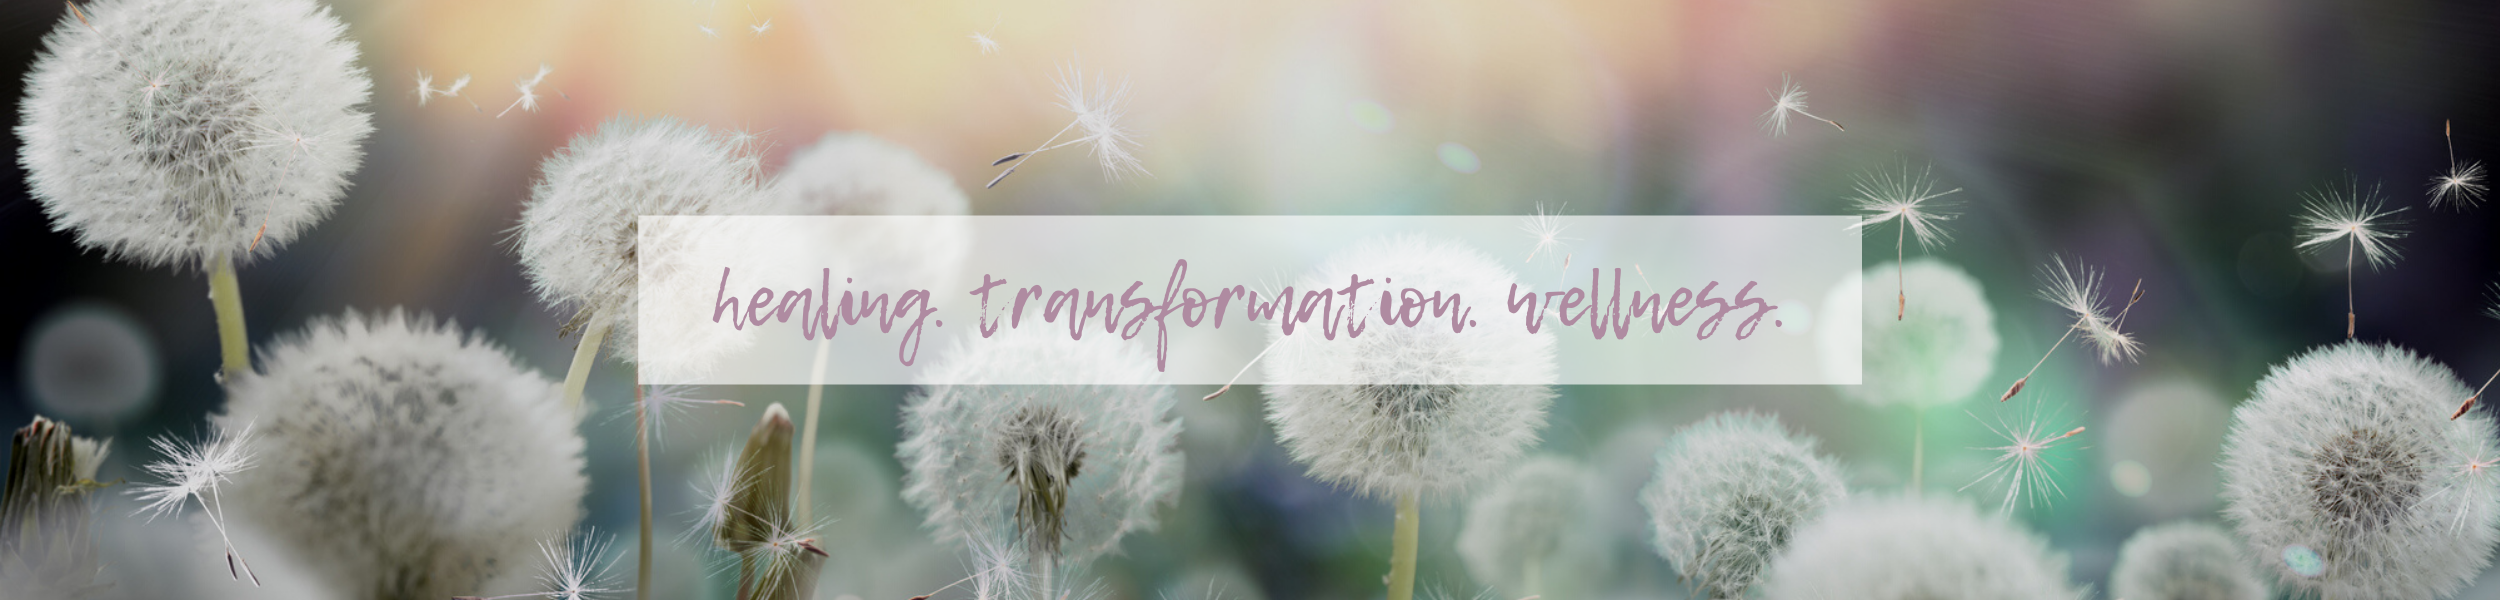 GW healing. transformation. wellness. 2500×600 d